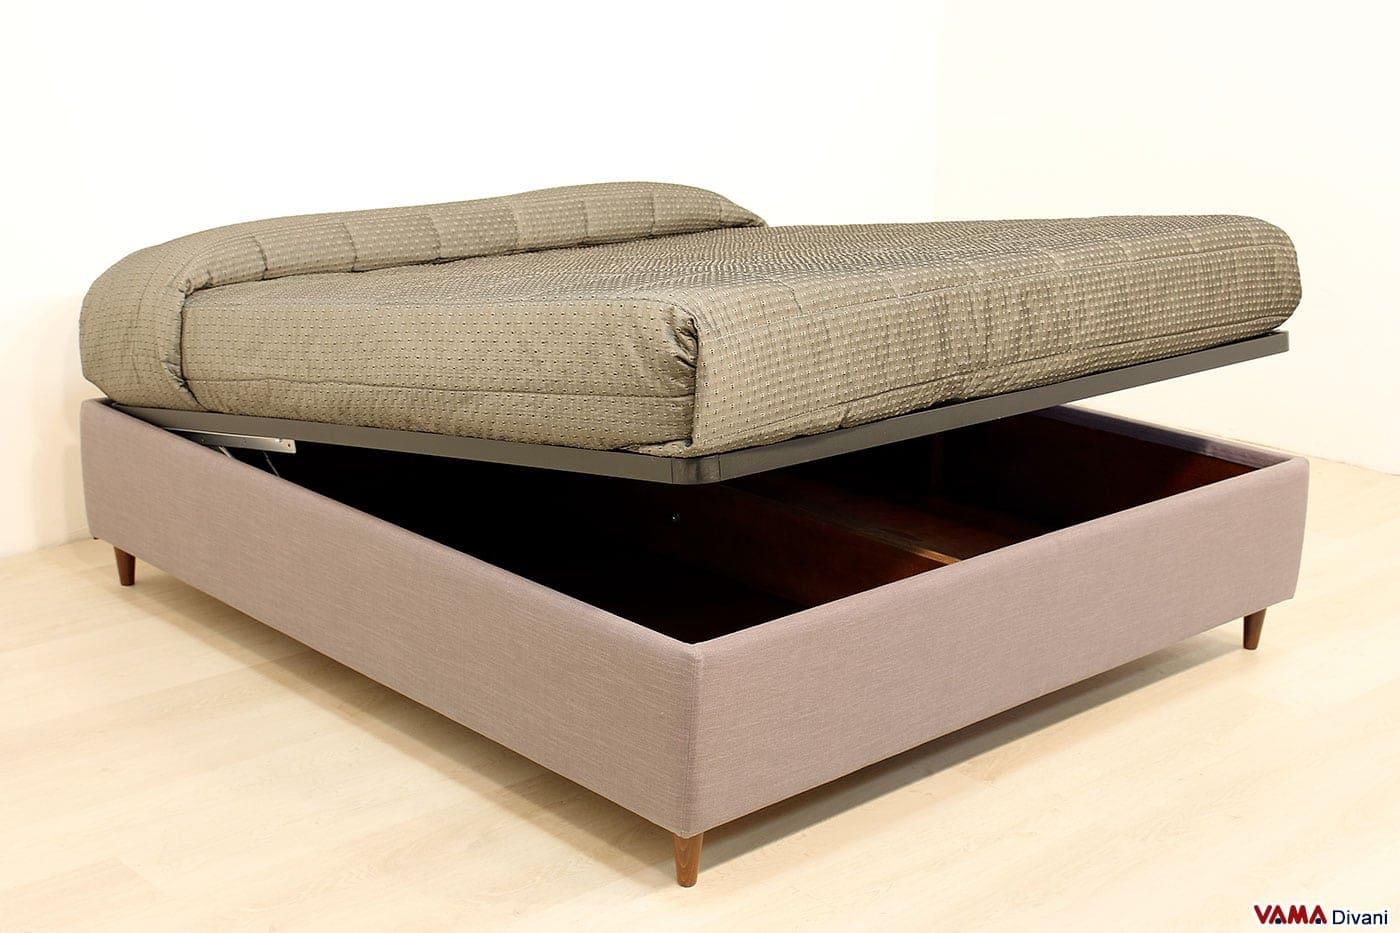 Letto Senza Testata Ikea : Letto con cassettone sommier contenitore elettrico a partire da